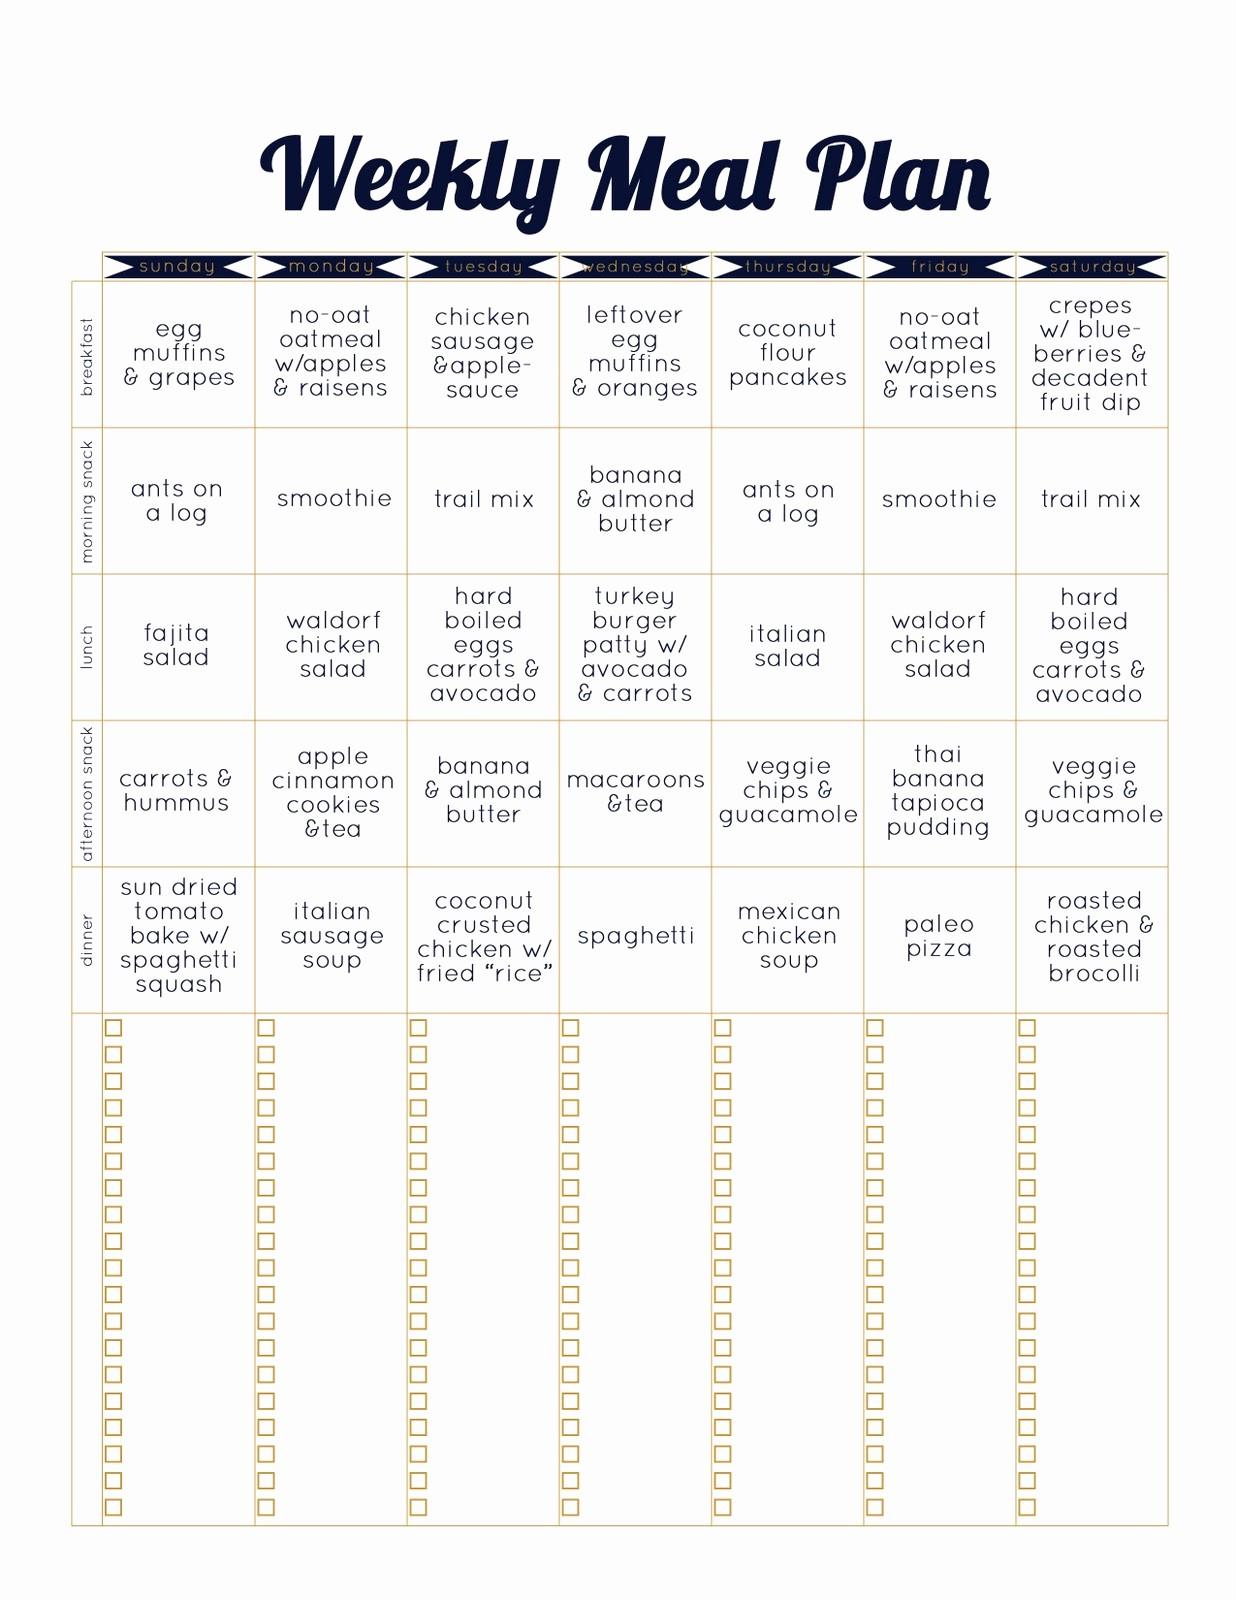 Weekly Meal Plan Template Free Luxury Always Underfoot Paleo Template Weekly Meal Plan